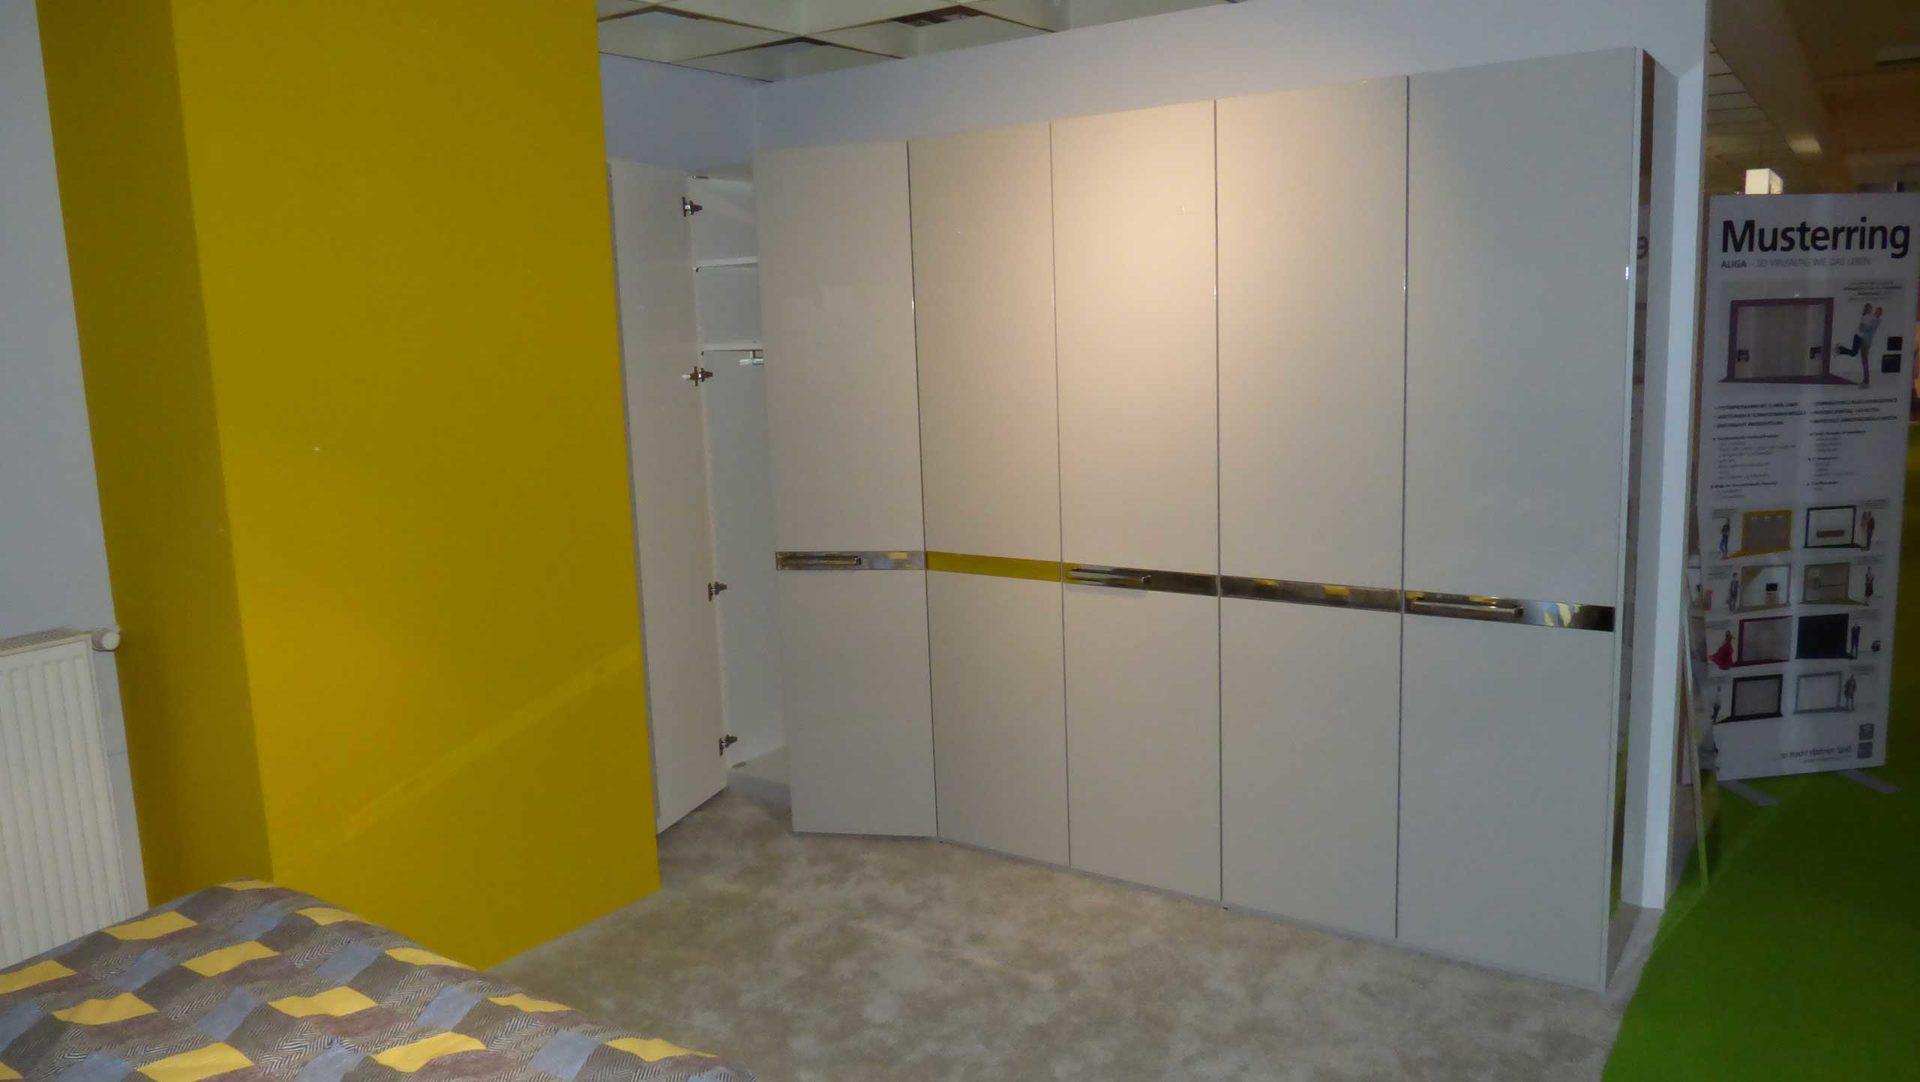 Musterring Schlafzimmer Aliga - Bett 180 x 200 cm mit 2 Nachtkommoden +  Kleiderschrank, Kristallgrau Hochglanz